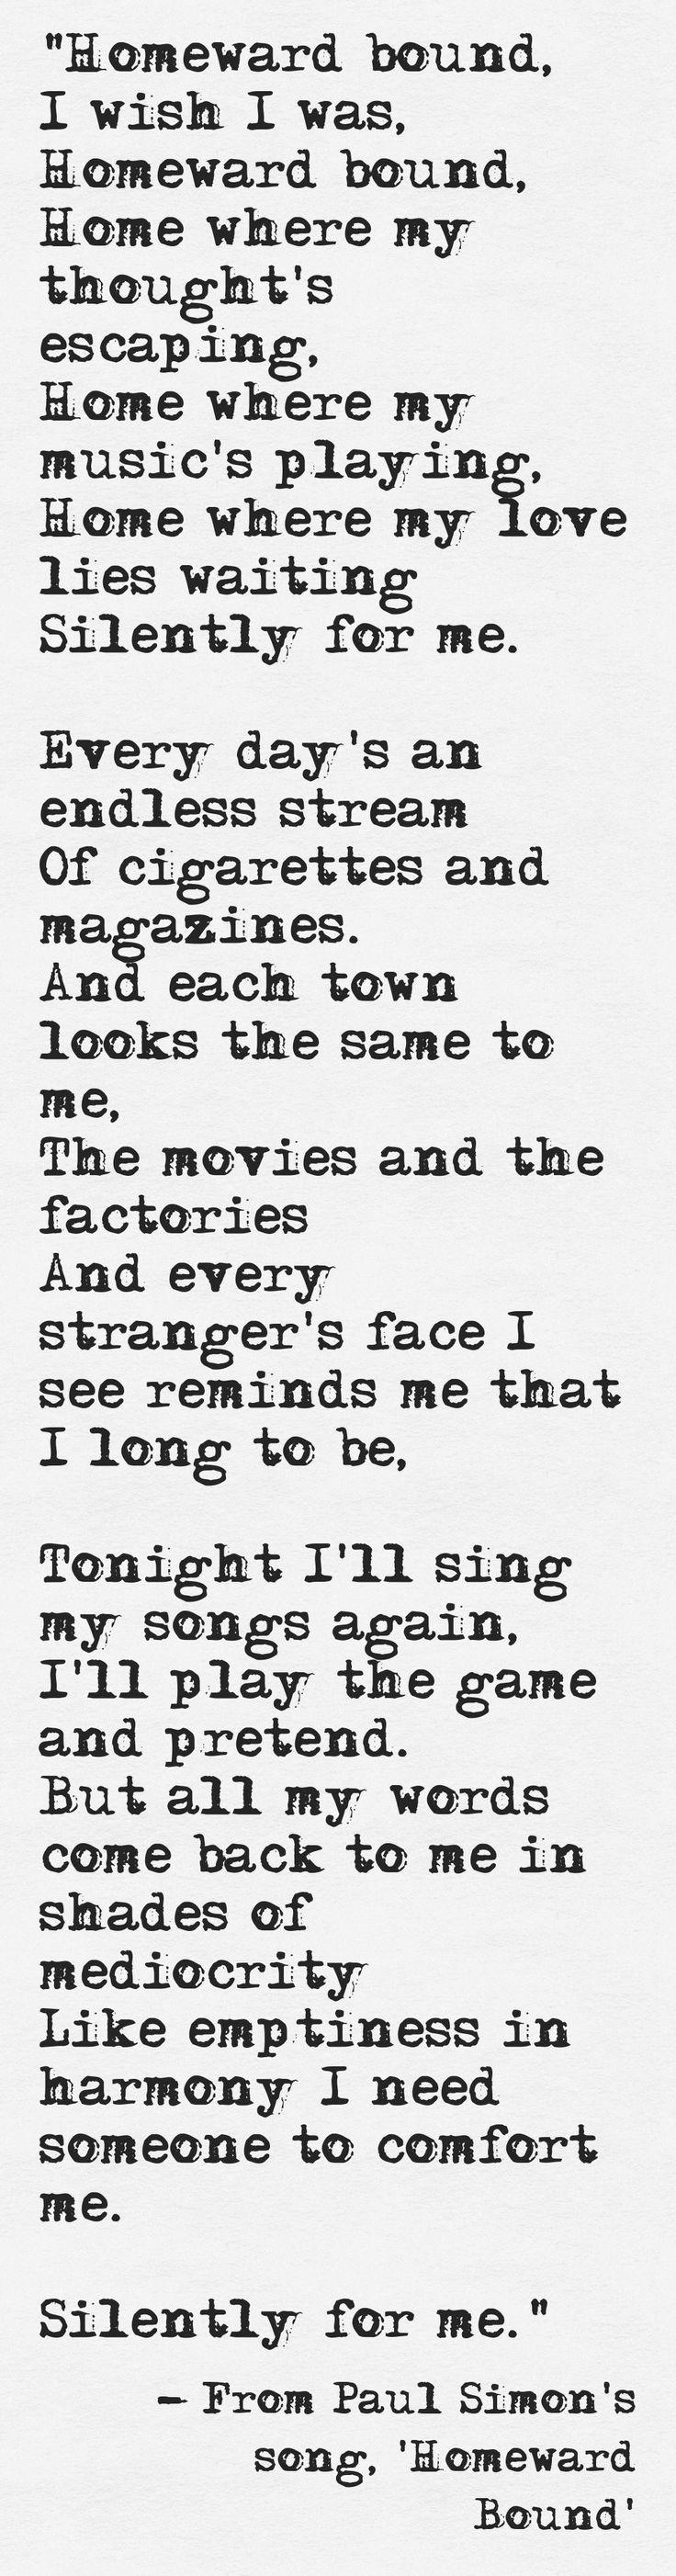 Art Garfunkel - Skywriter Lyrics | Song-Lyrics-Finder.com